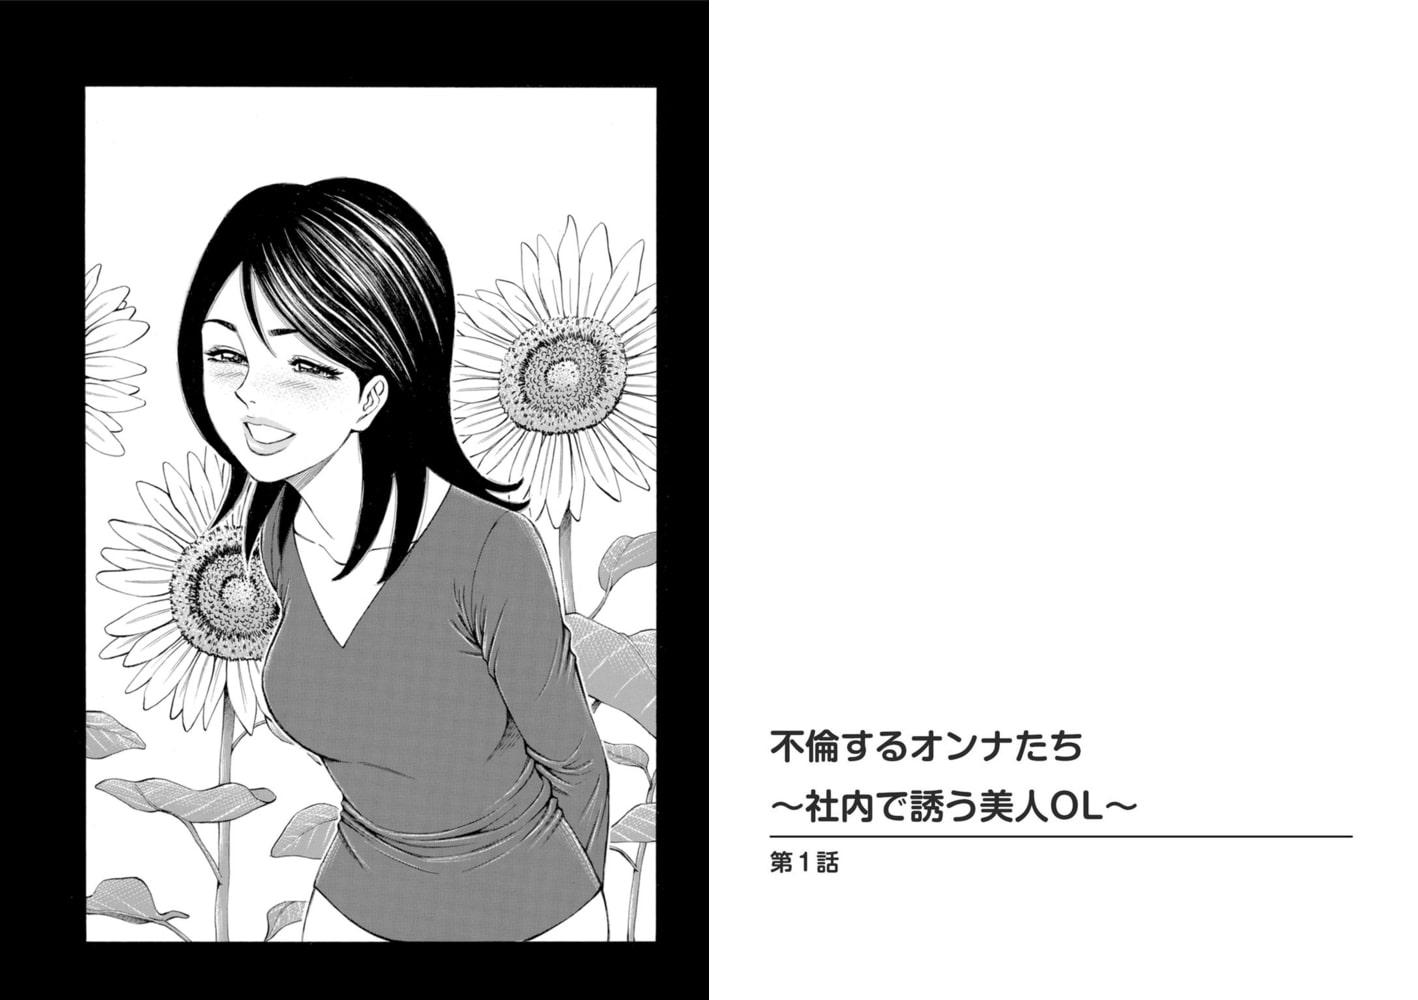 不倫するオンナたち~社内で誘う美人OL~【合冊版】 1巻